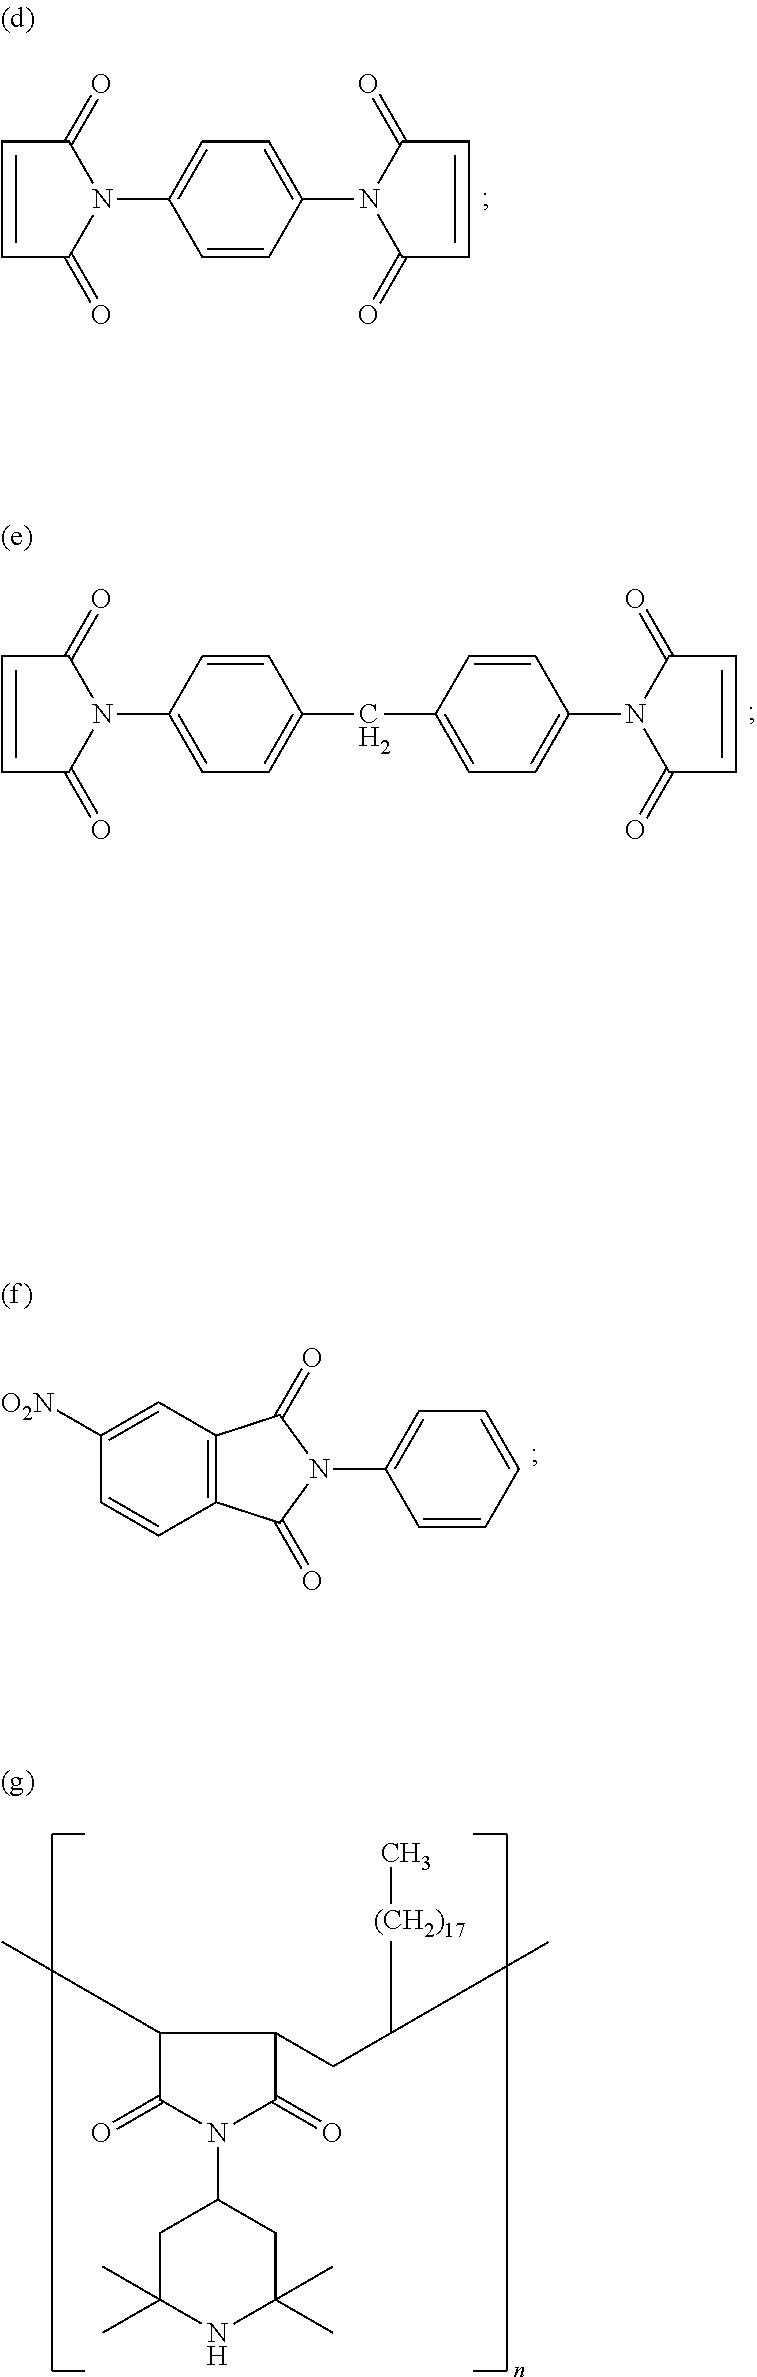 Figure US08790449-20140729-C00006